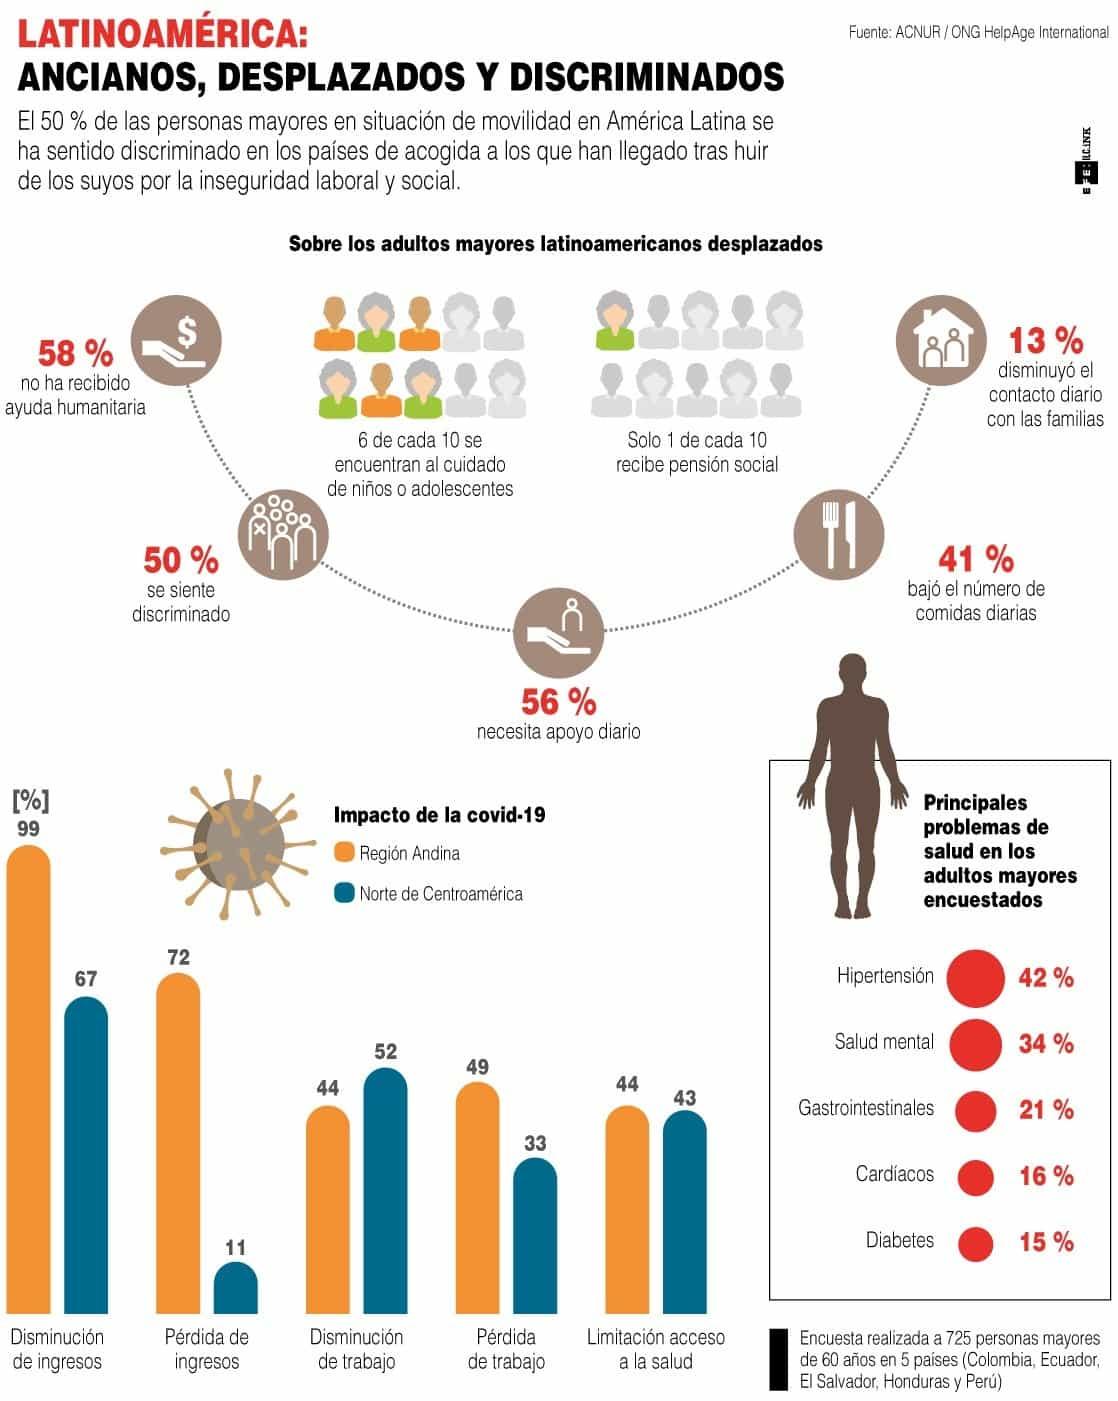 [Infografía] - El 50 % de adultos mayores migrantes en Latinoamérica se siente discriminado 1